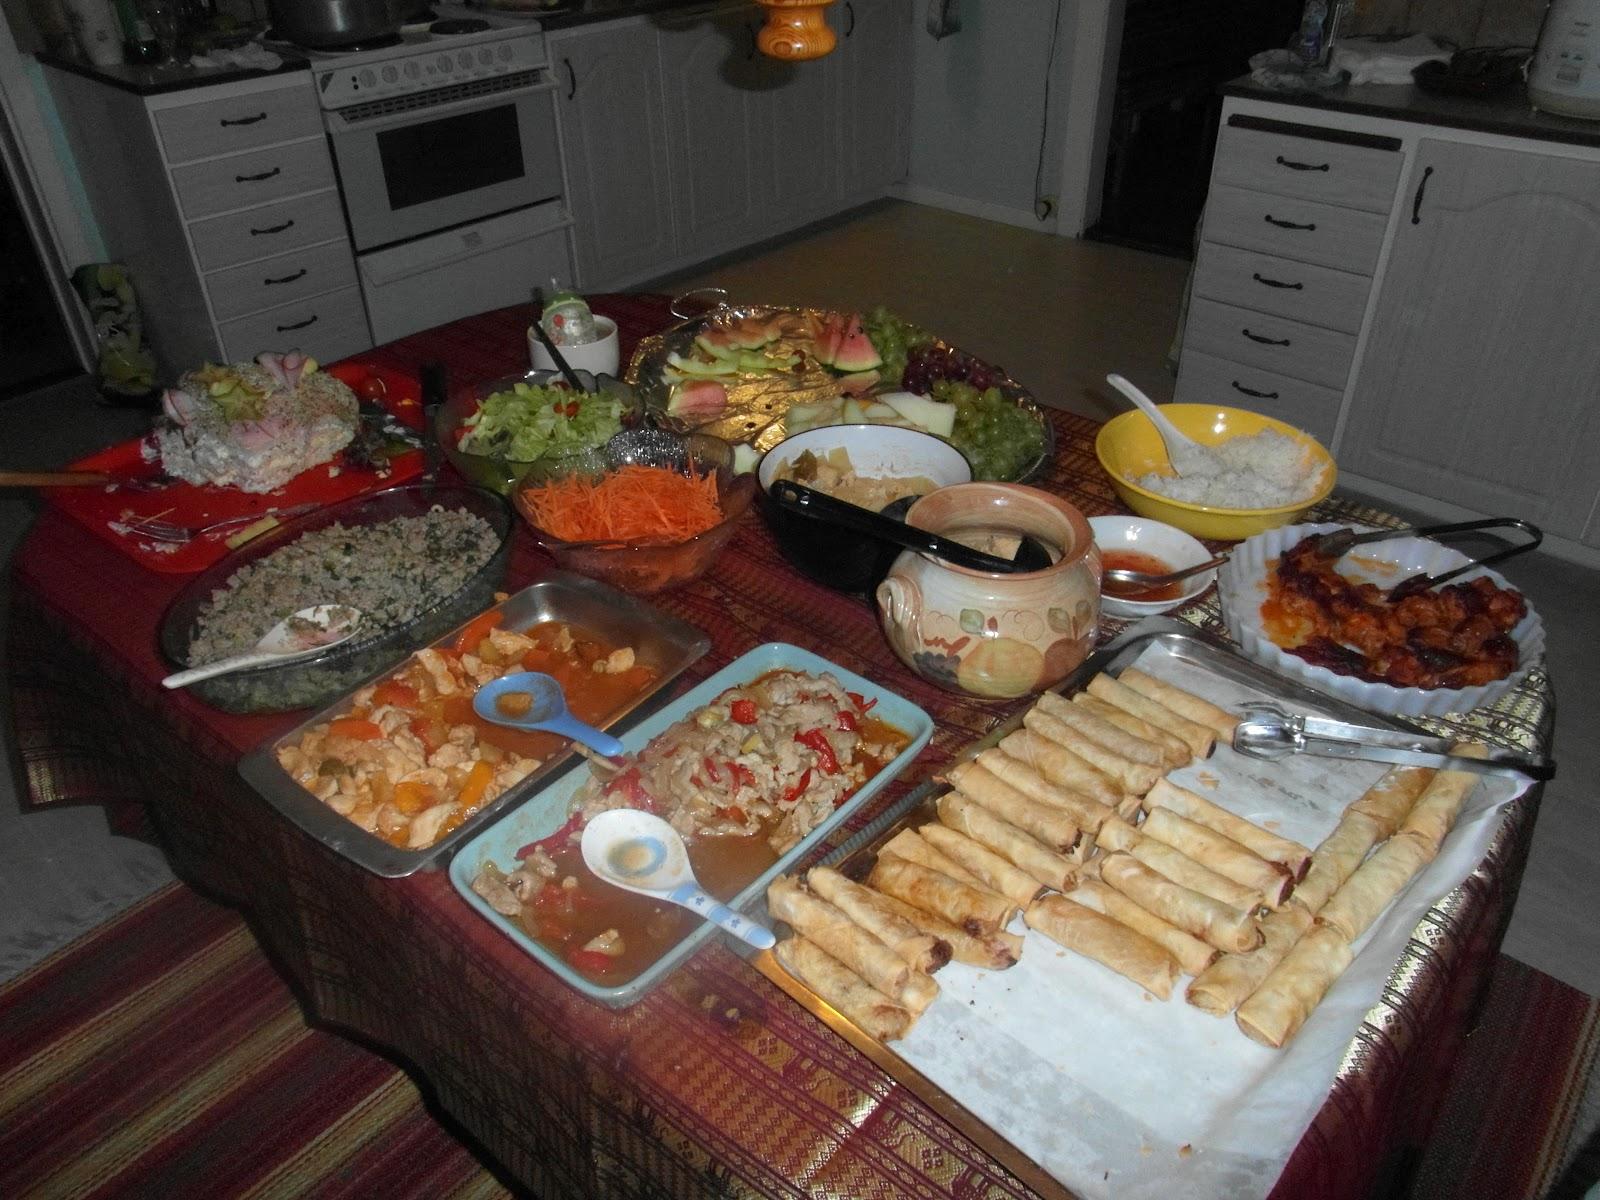 mat till 50 års fest Genom mitt fönster: 50 års fest mat till 50 års fest